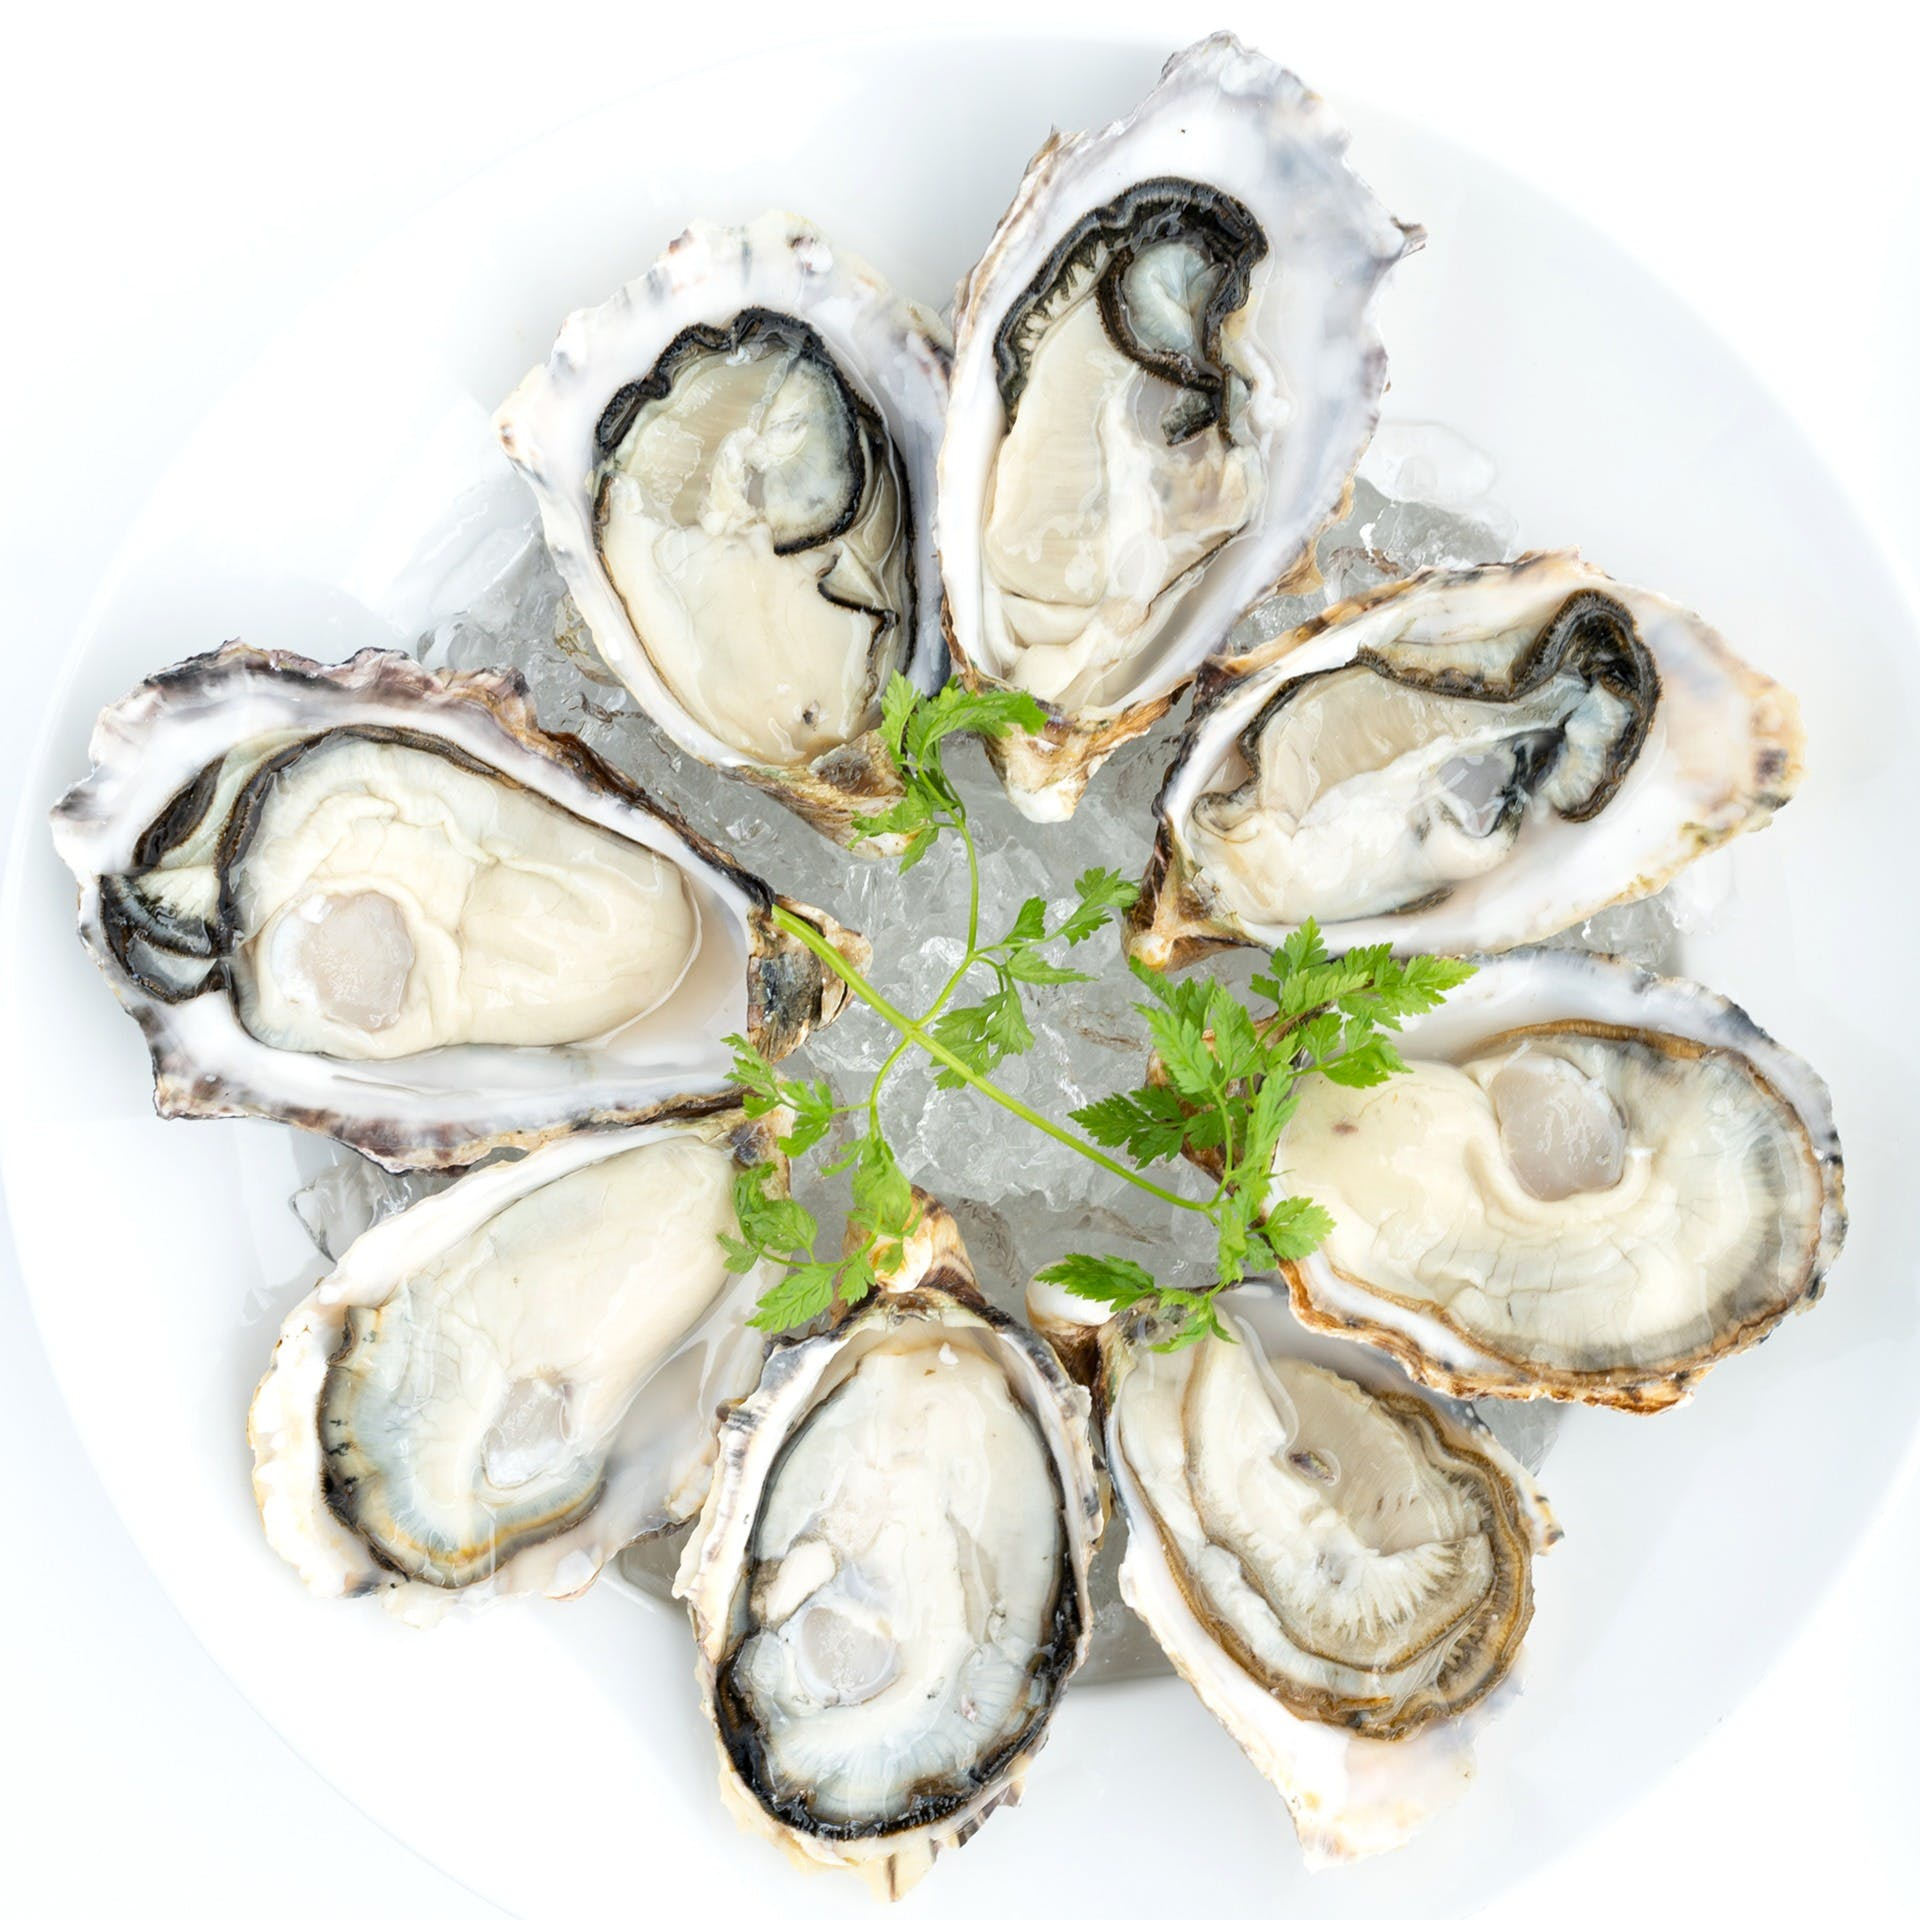 牡蠣フレンチコース、日本人に馴染み深い牡蠣とのマリアージュ